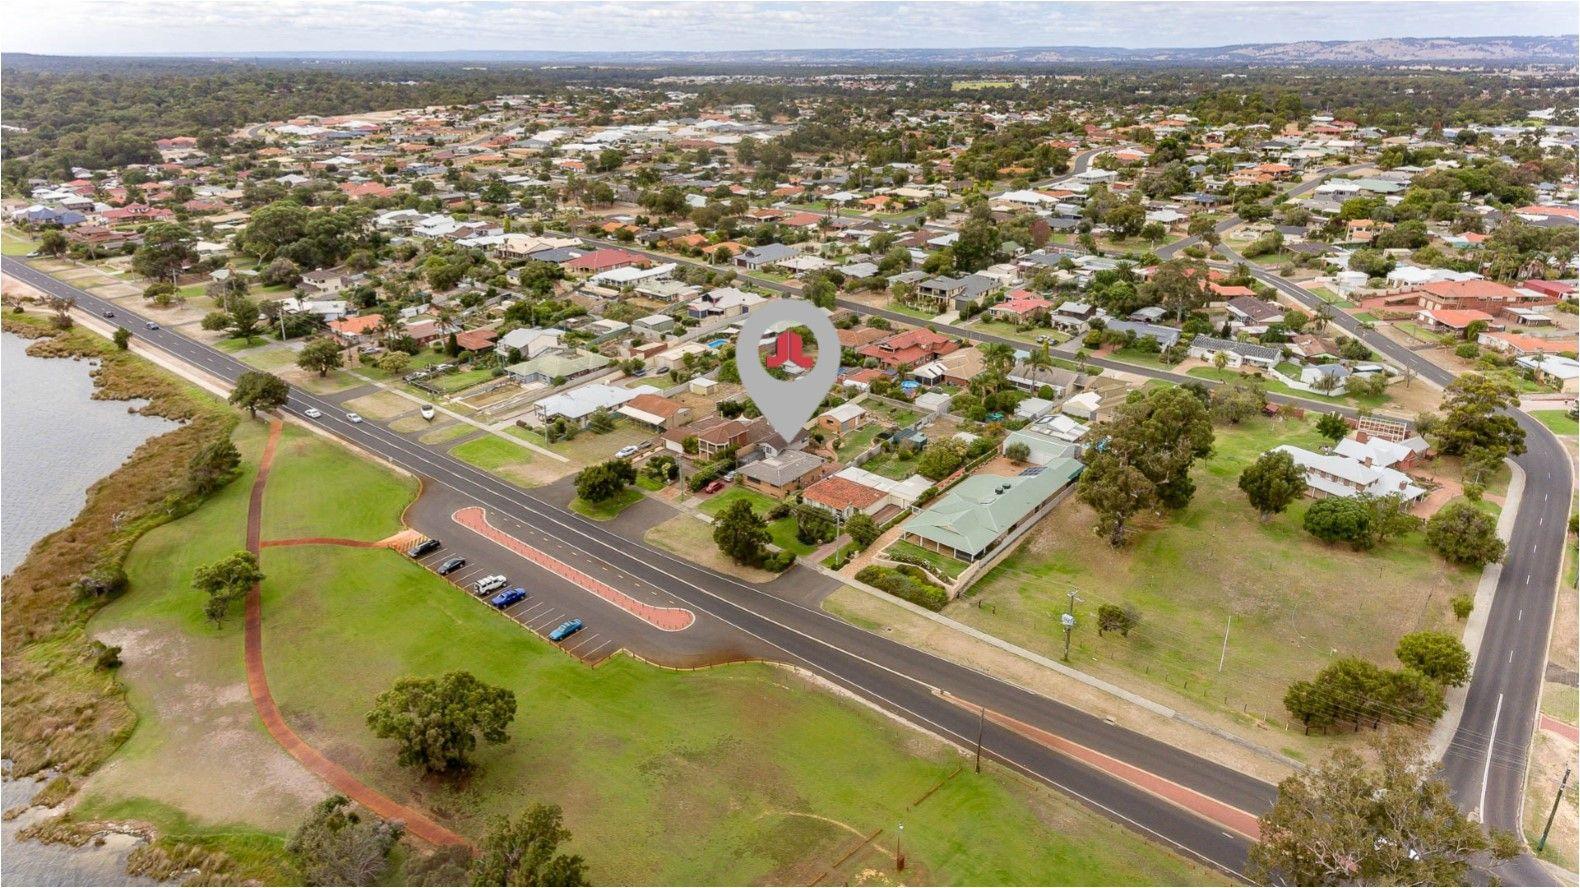 341 Old Coast Road, Australind WA 6233, Image 2